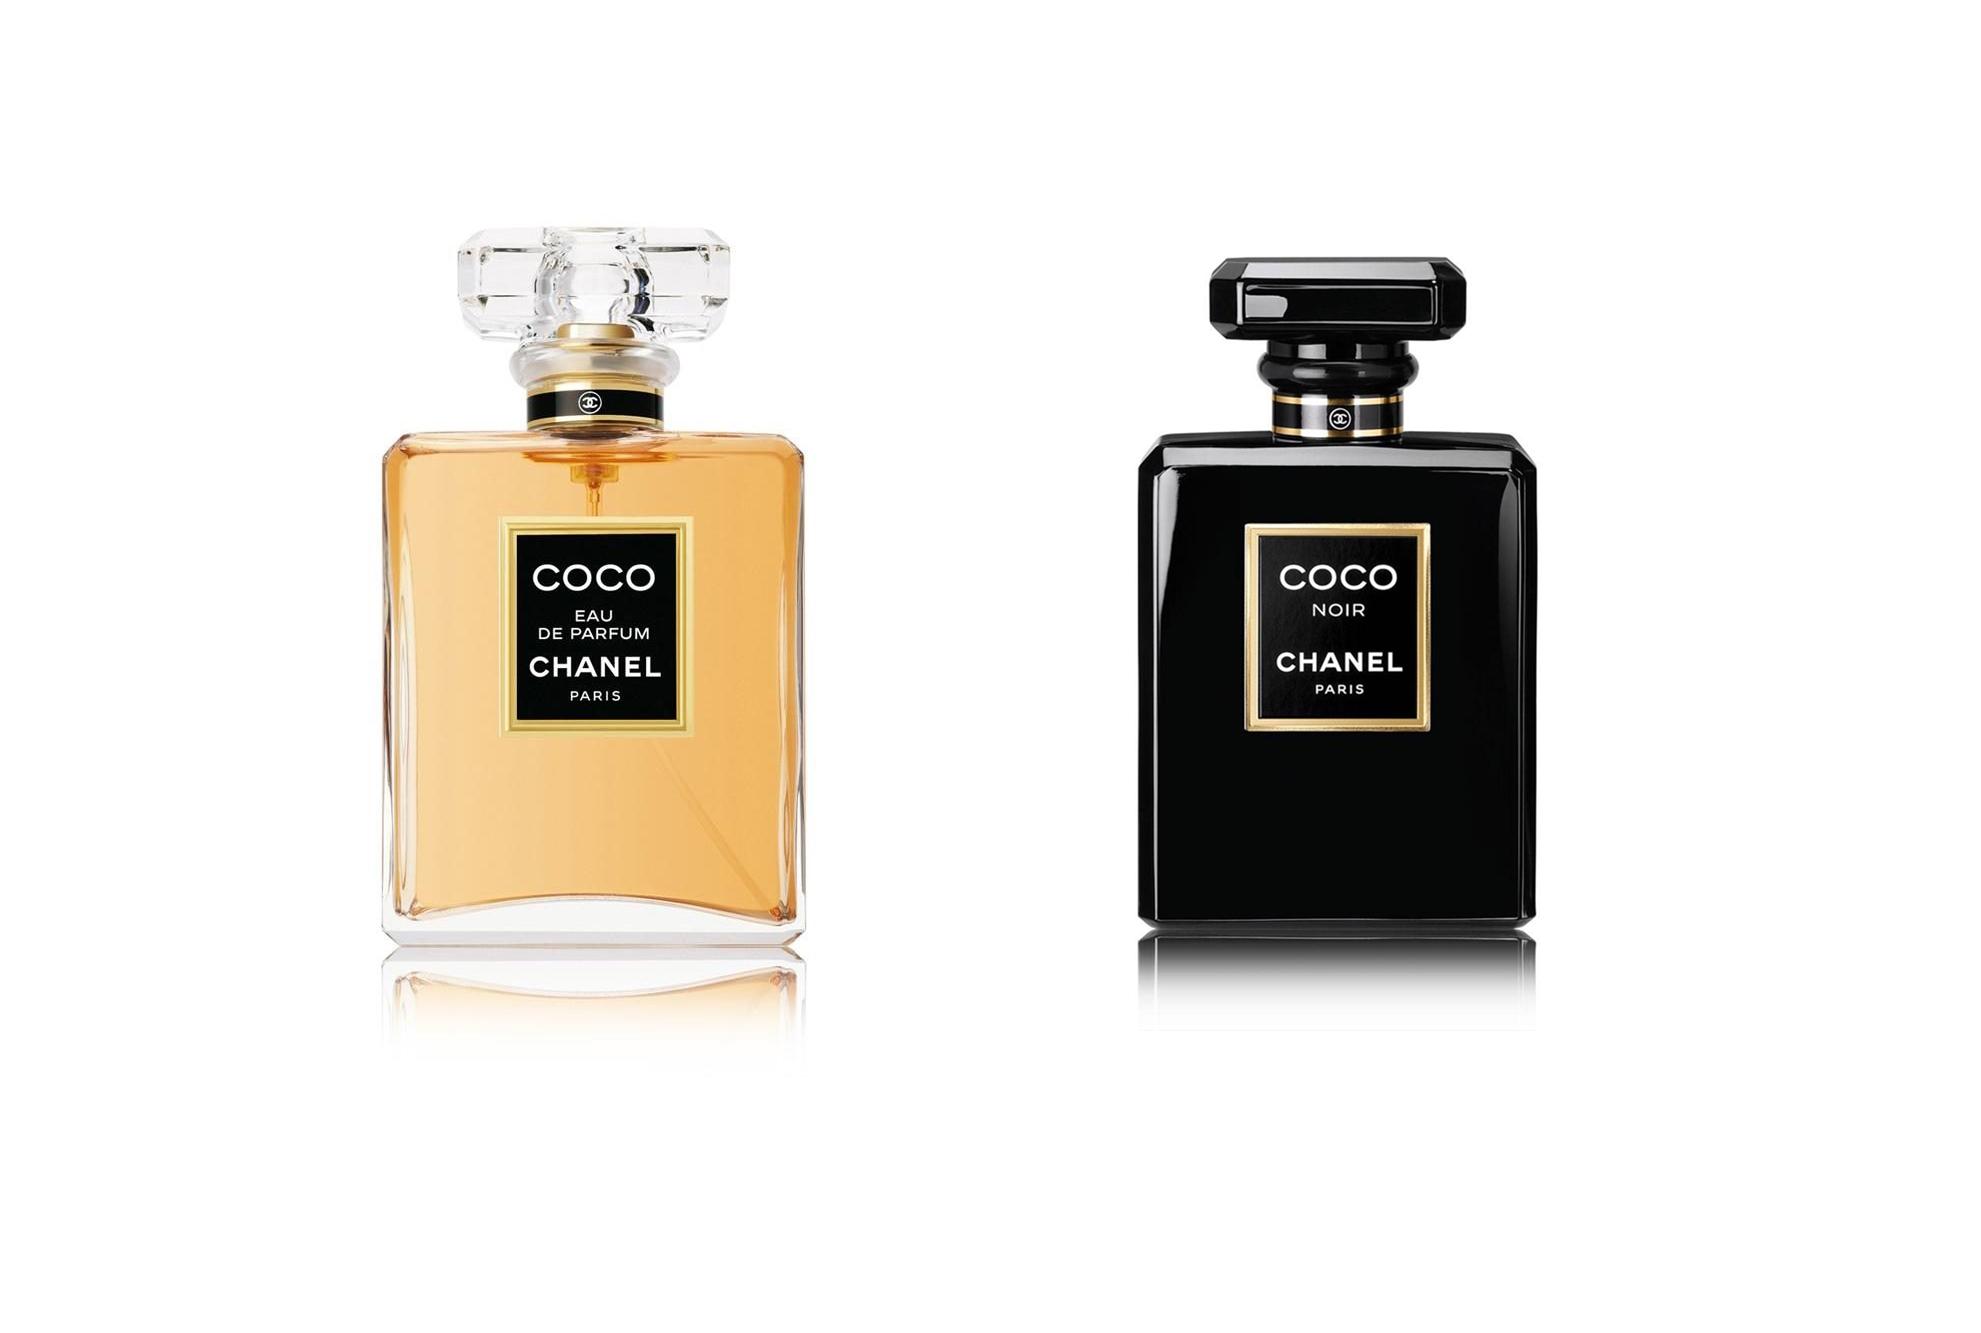 Chanel выпустили миниатюры ароматов Coco и Coco Noir-320x180